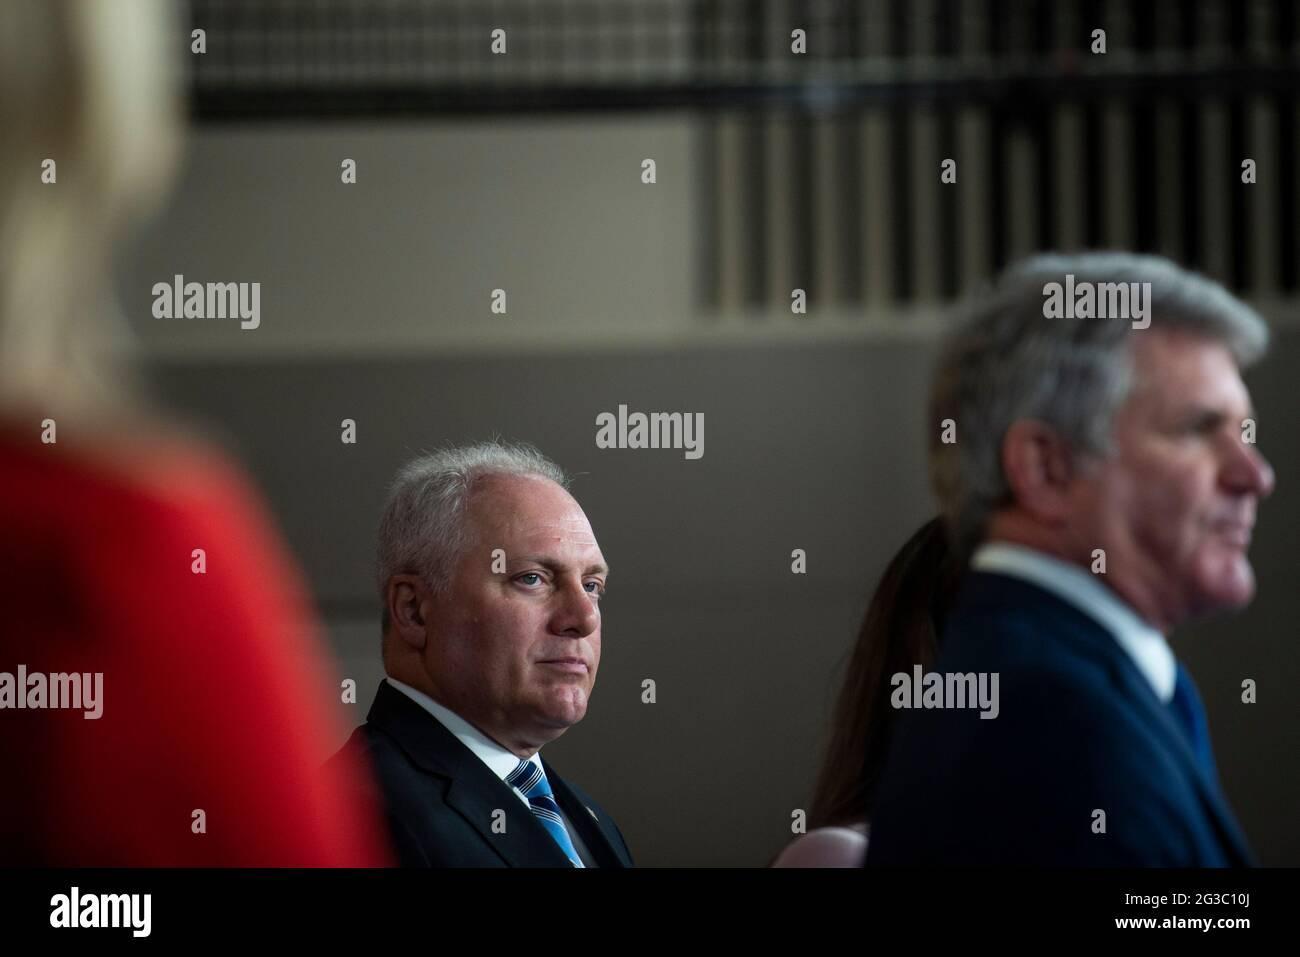 Steve Scalise (Republikaner von Louisiana) wartet auf eine Pressekonferenz im US-Kapitol in Washington, DC, Dienstag, den 15. Juni, 2021. Kredit: Rod Lamkey/CNP /MediaPunch Stockfoto